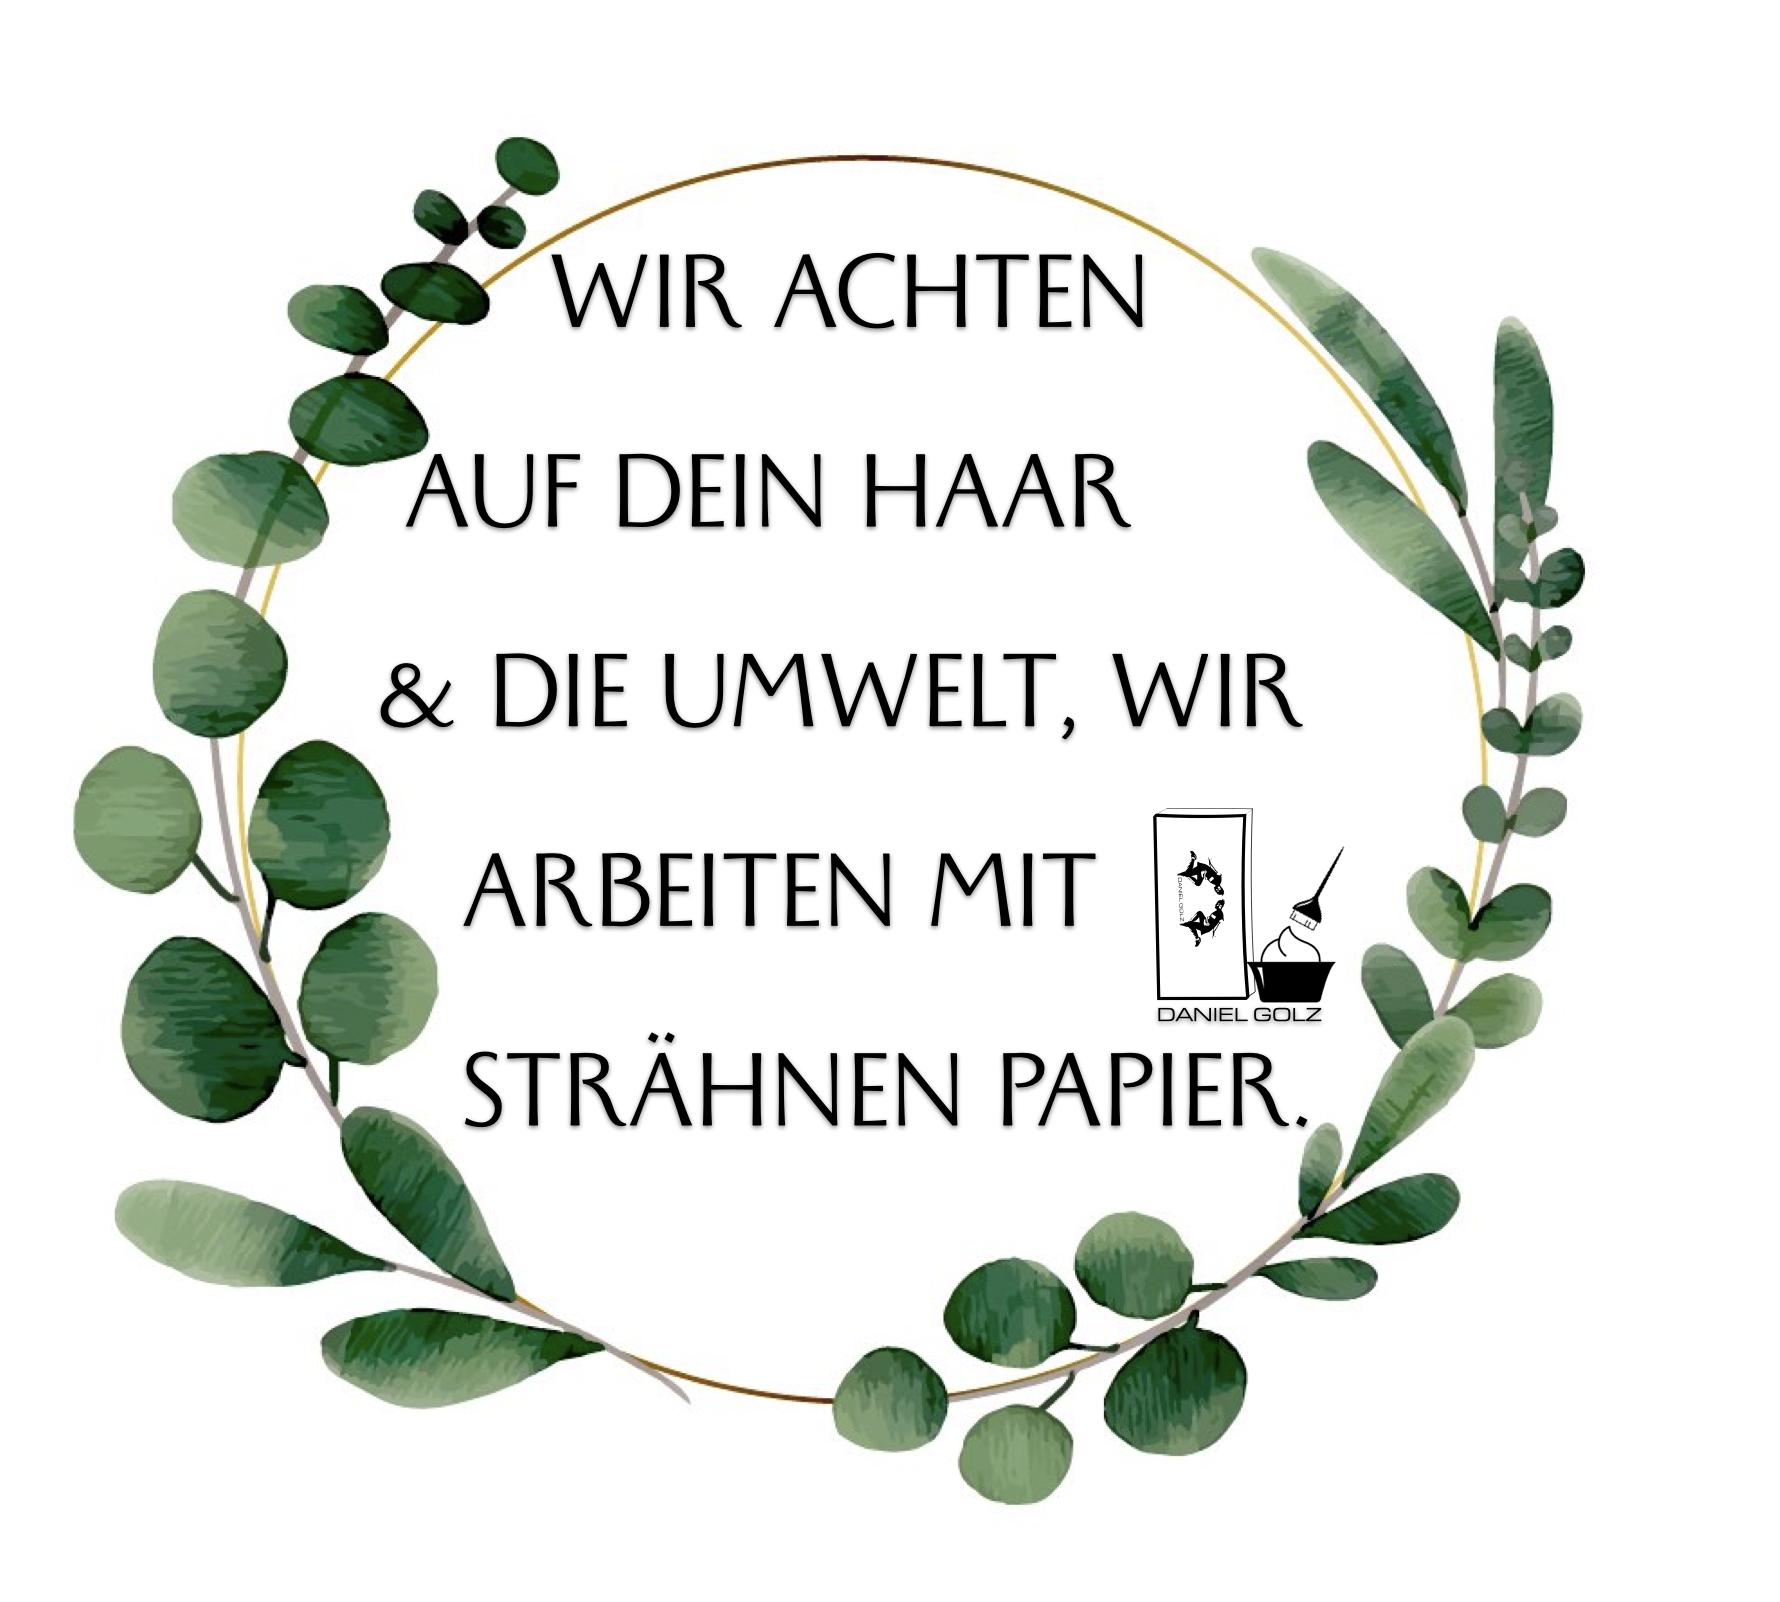 Strähnen Papier